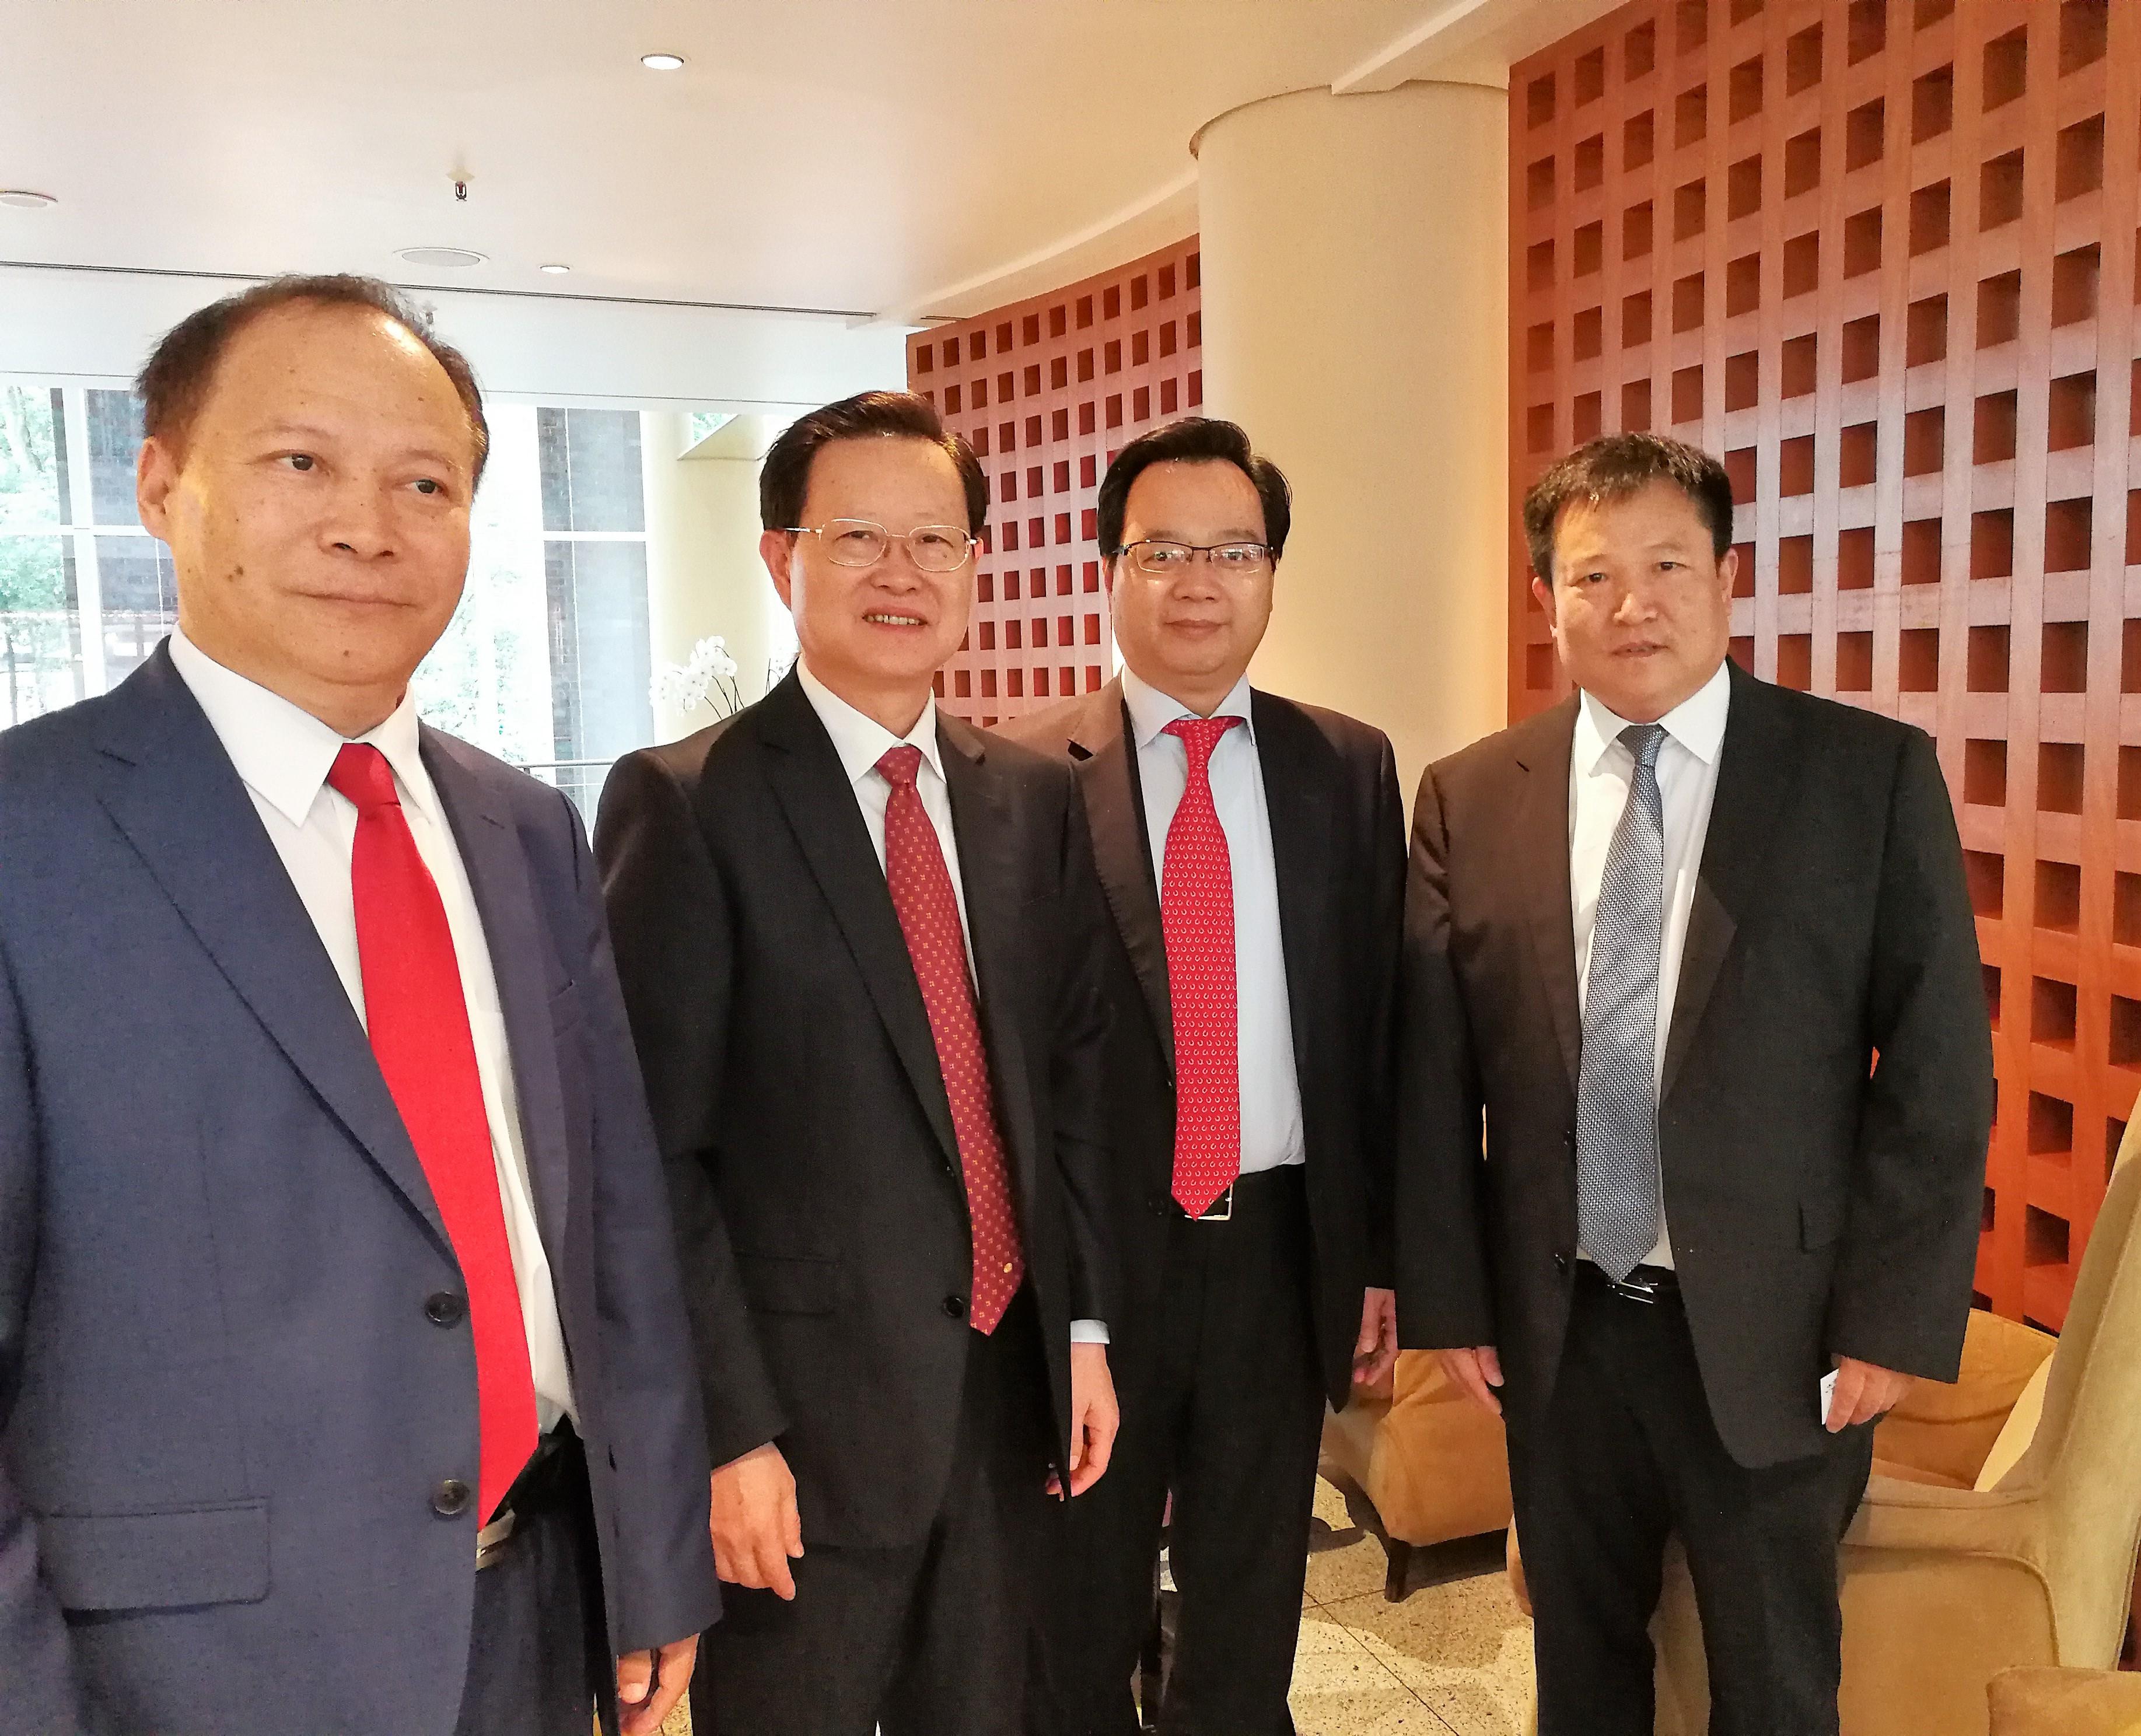 汉堡G20德联邦经济委员会在中国杭州太原力推《德欧中心》